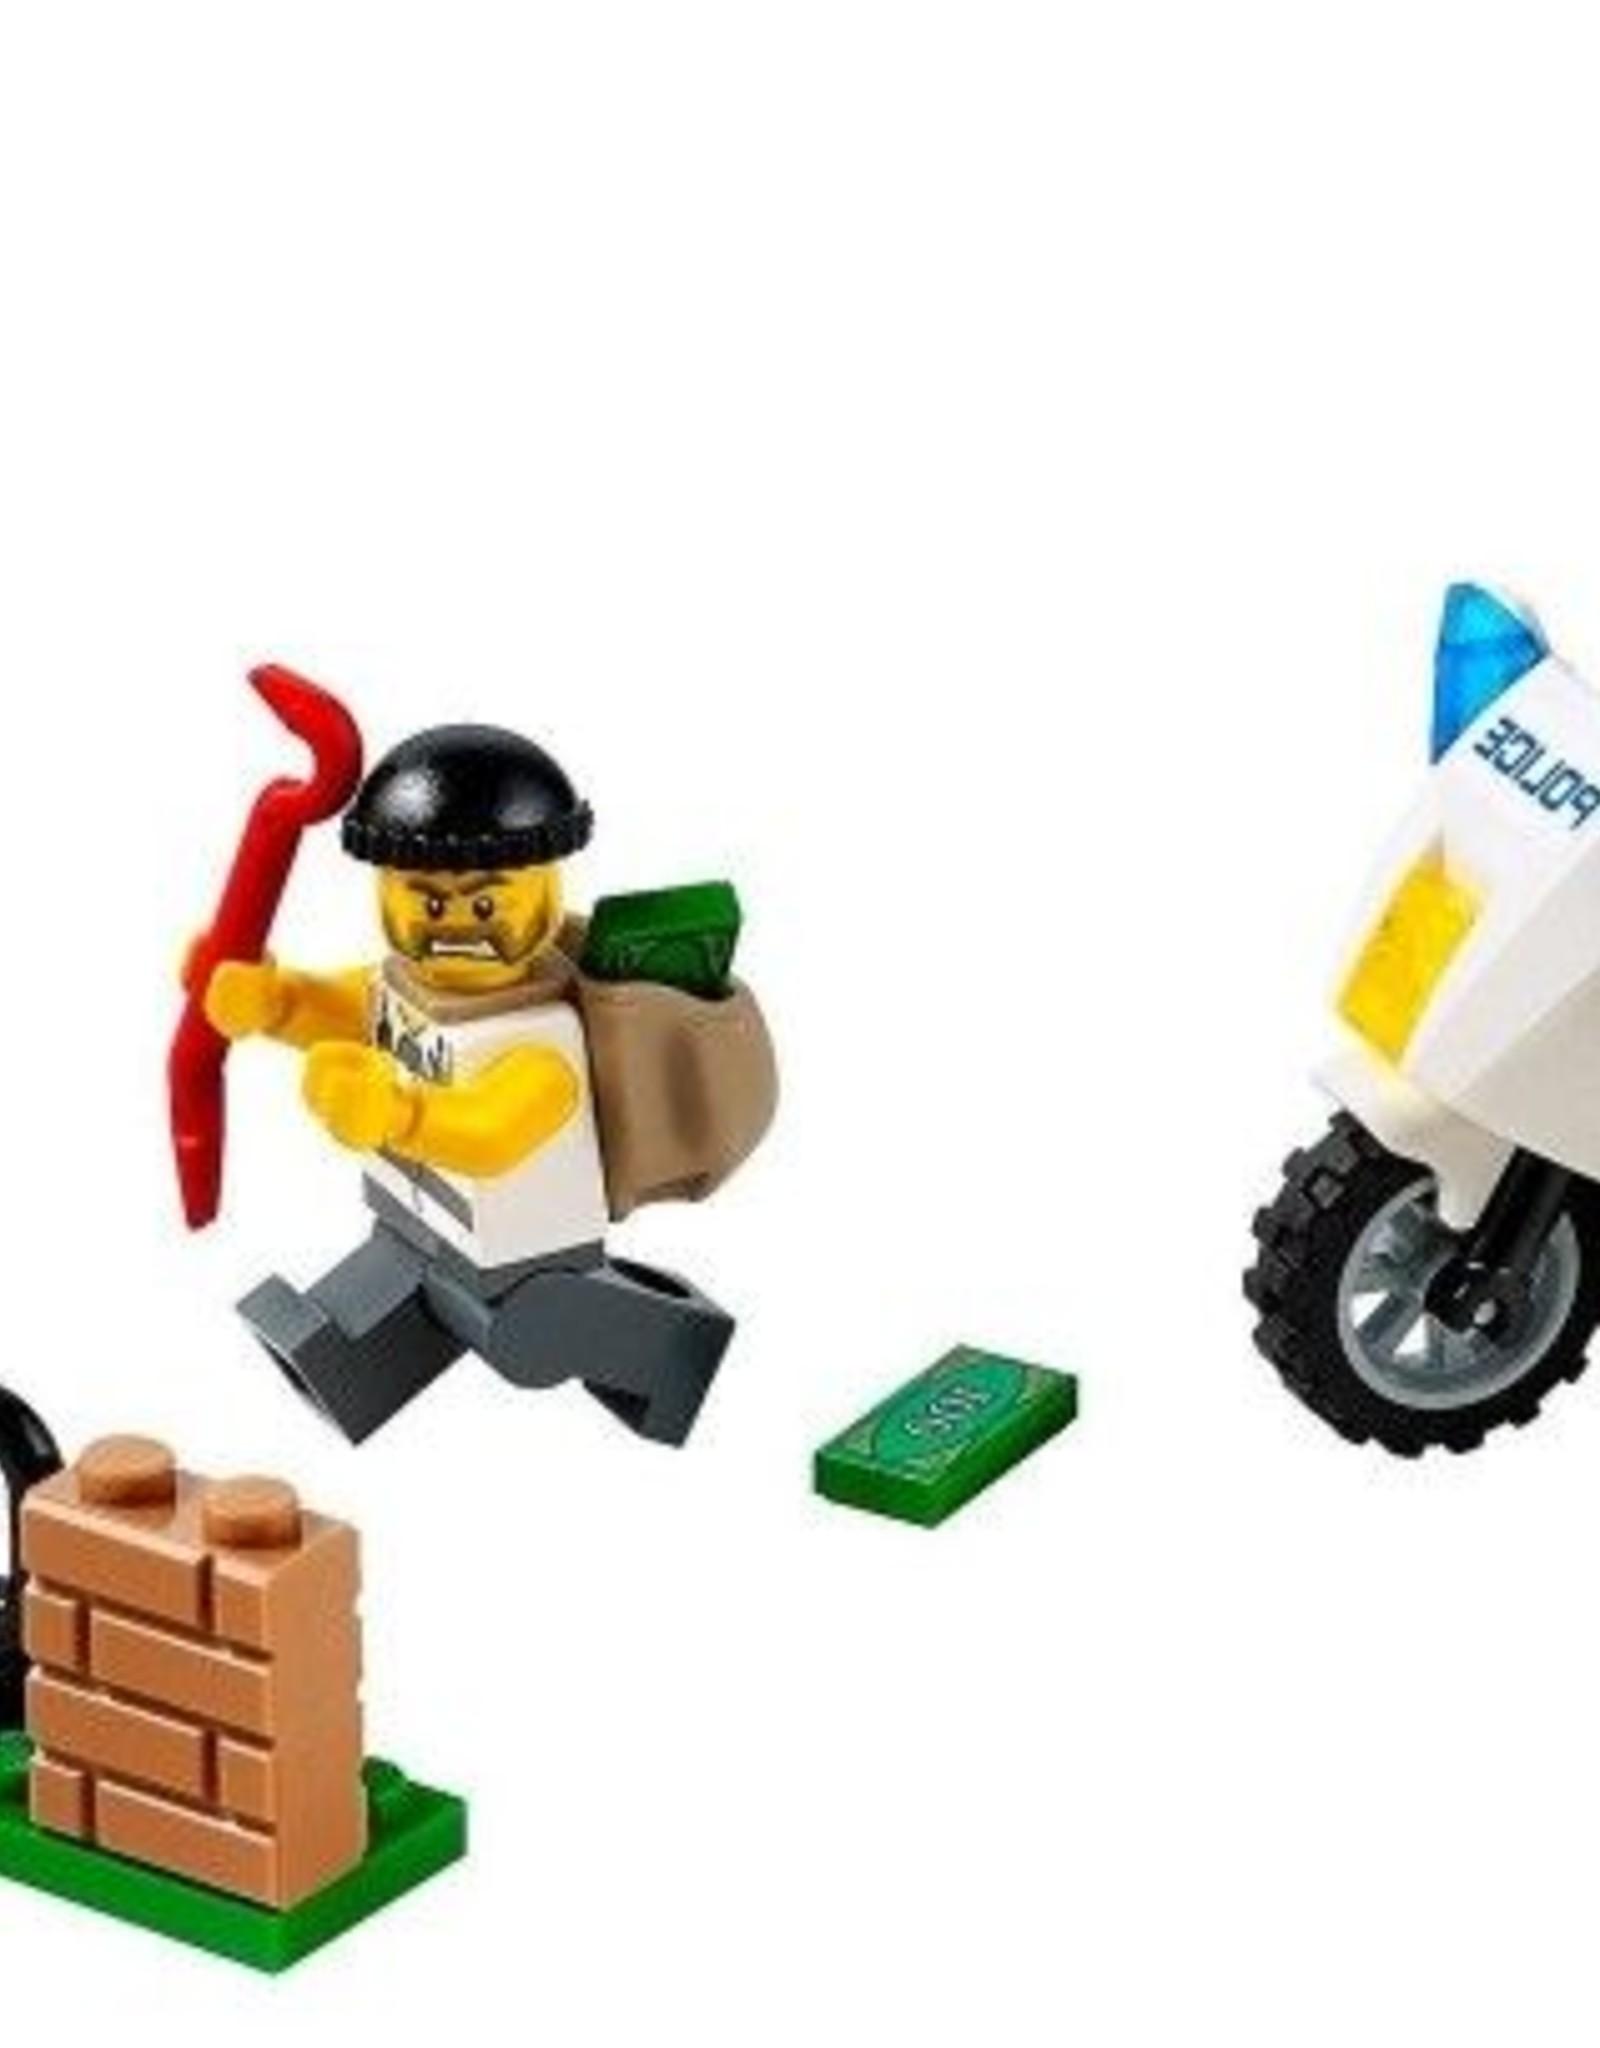 LEGO LEGO 60041 Boevenjacht met politiemotor CITY